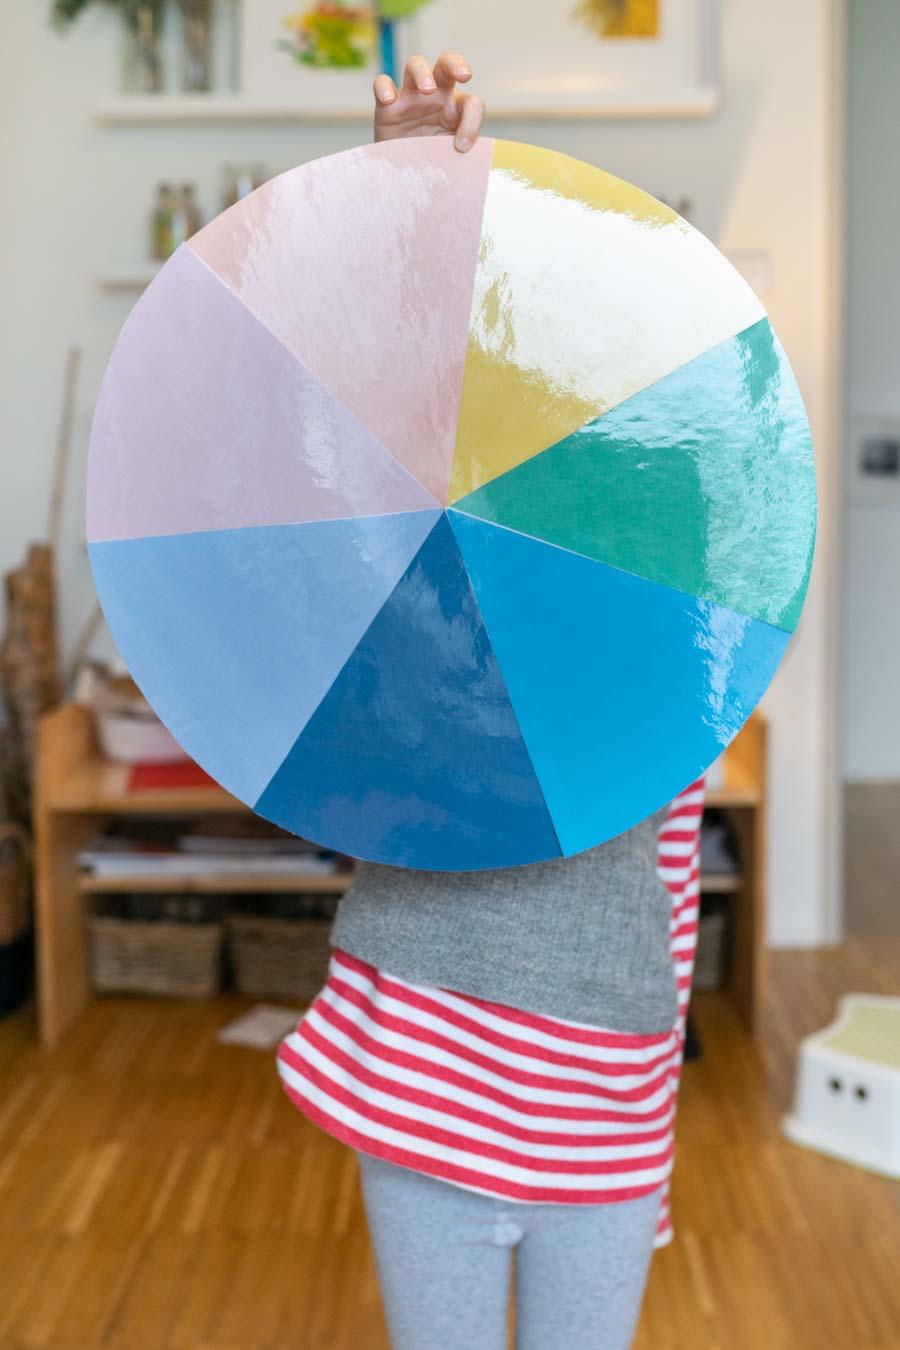 Ein Kind hält einen bunten Kreis hoch